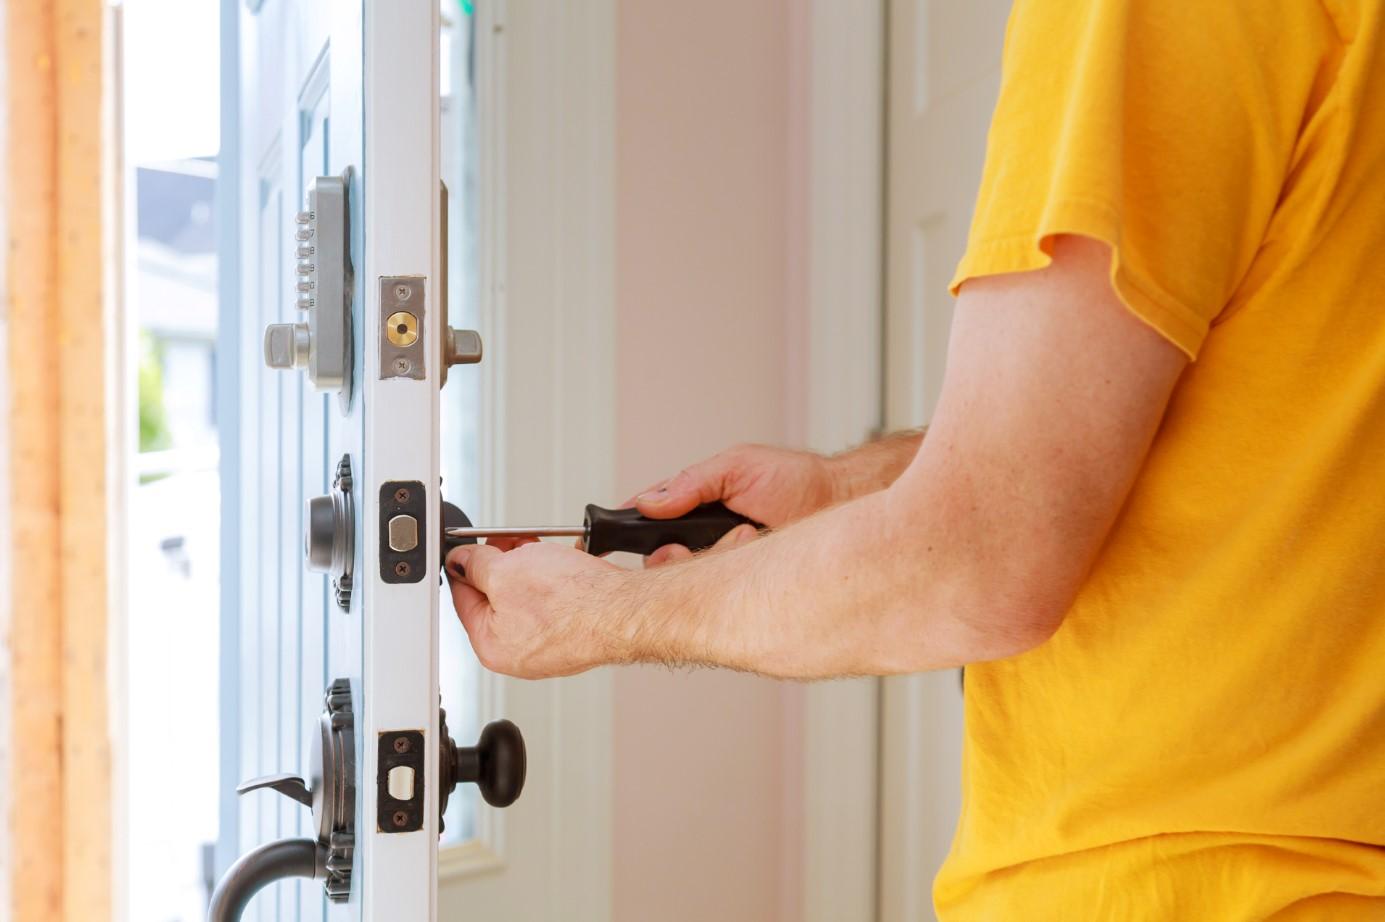 Kilitli Çelik Kapı Nasıl Açılır?